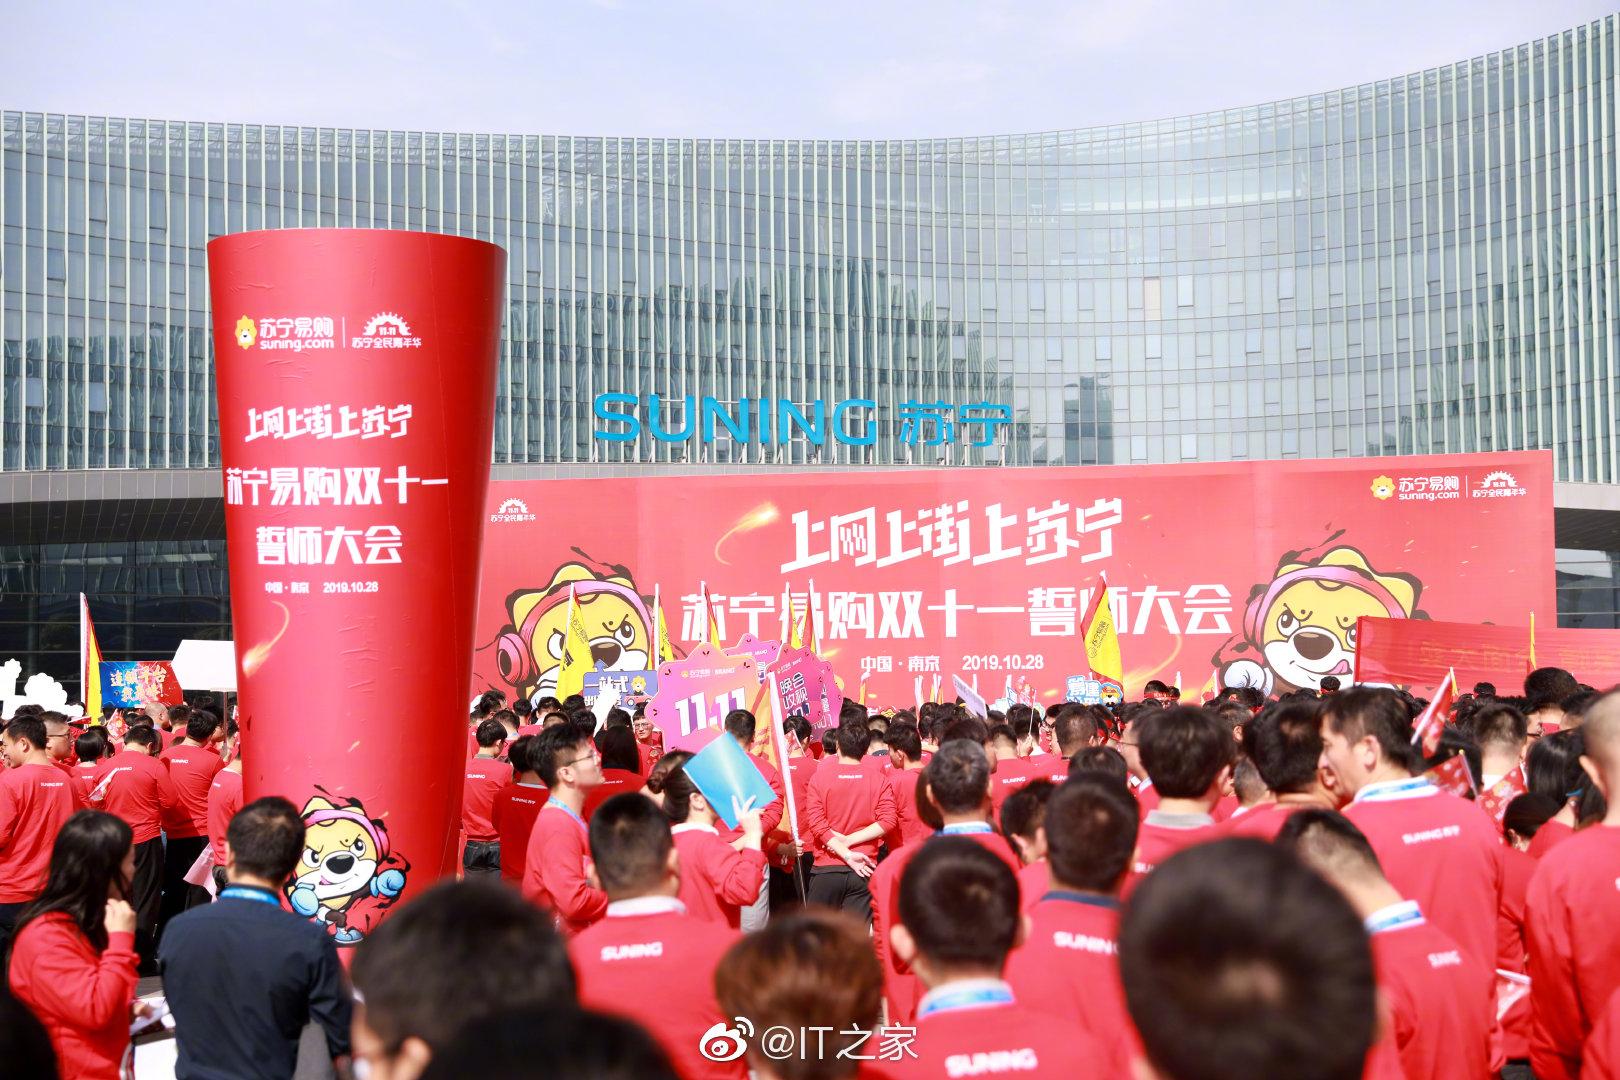 双十一临近,各大电商进入打鸡血状态。苏宁今天举行双十一誓师大会